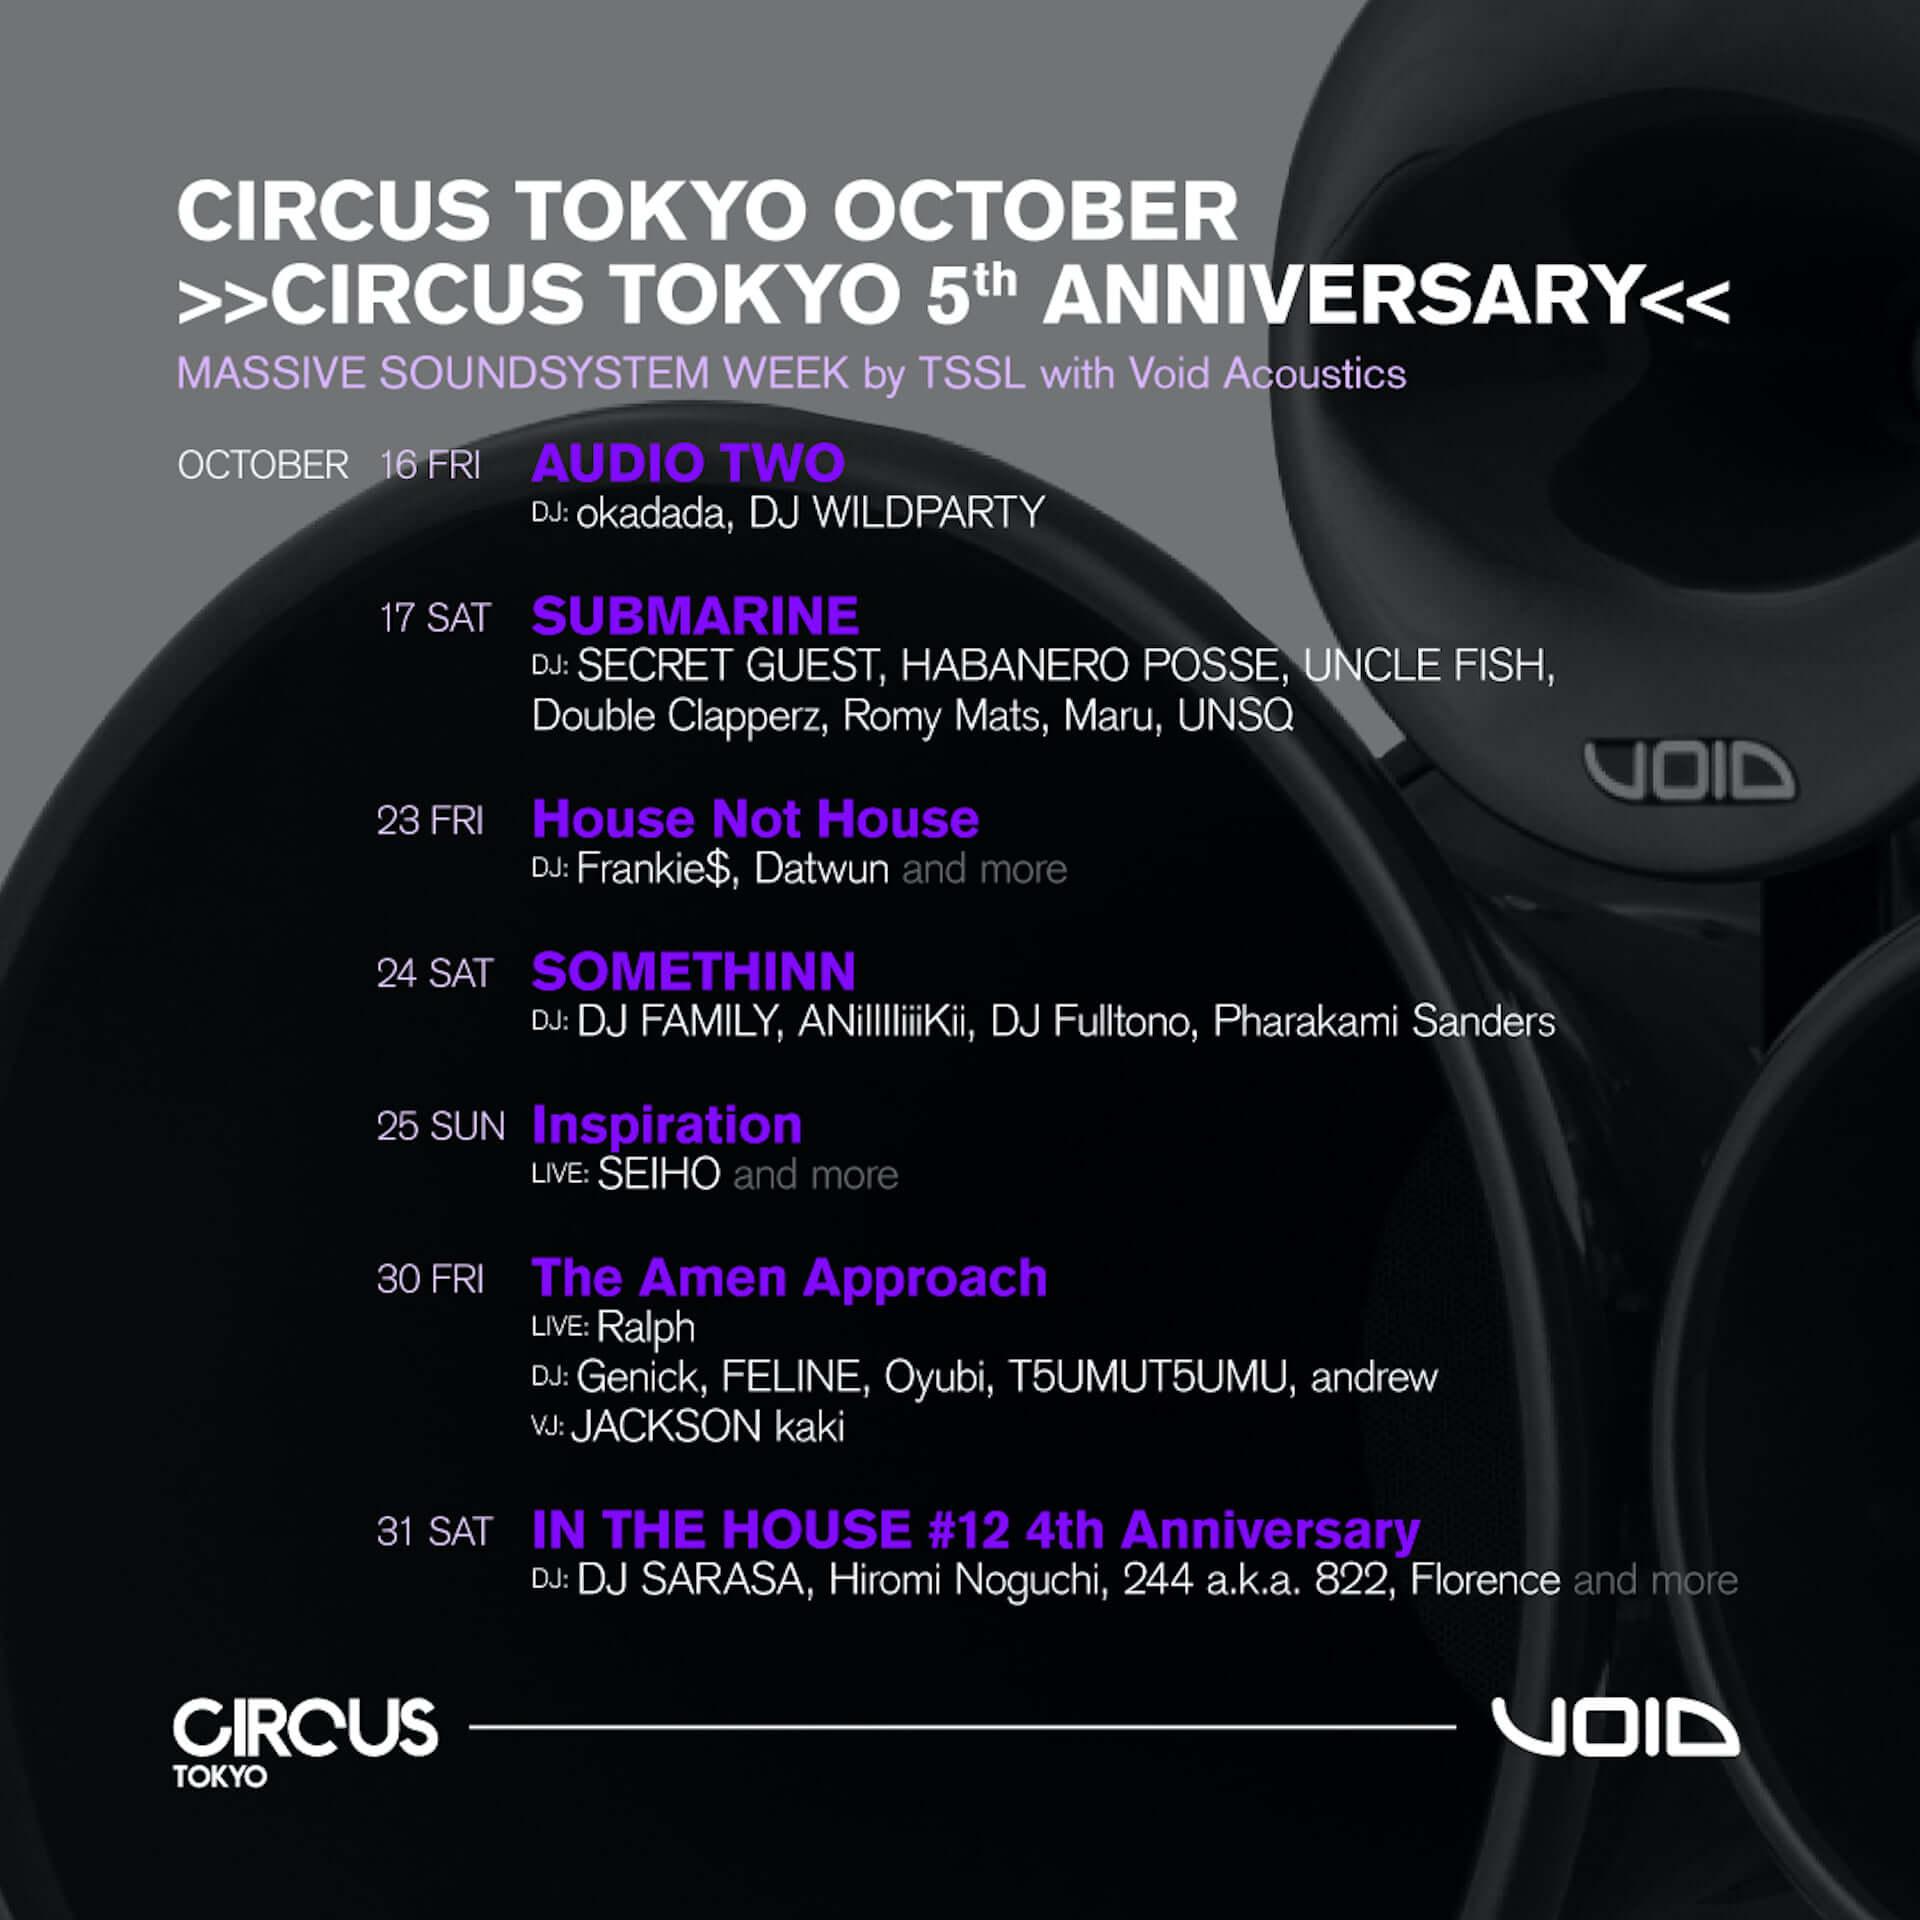 5周年を迎えたCIRCUS TOKYOが世界最先端の音響設備「VOID acoustics」を期間限定で導入!okadada、DJ WILDPARTYによる<AUDIO TWO>やSeiho出演<Inspiration>など続々開催 music201016_circus-tokyo_3-1920x1920